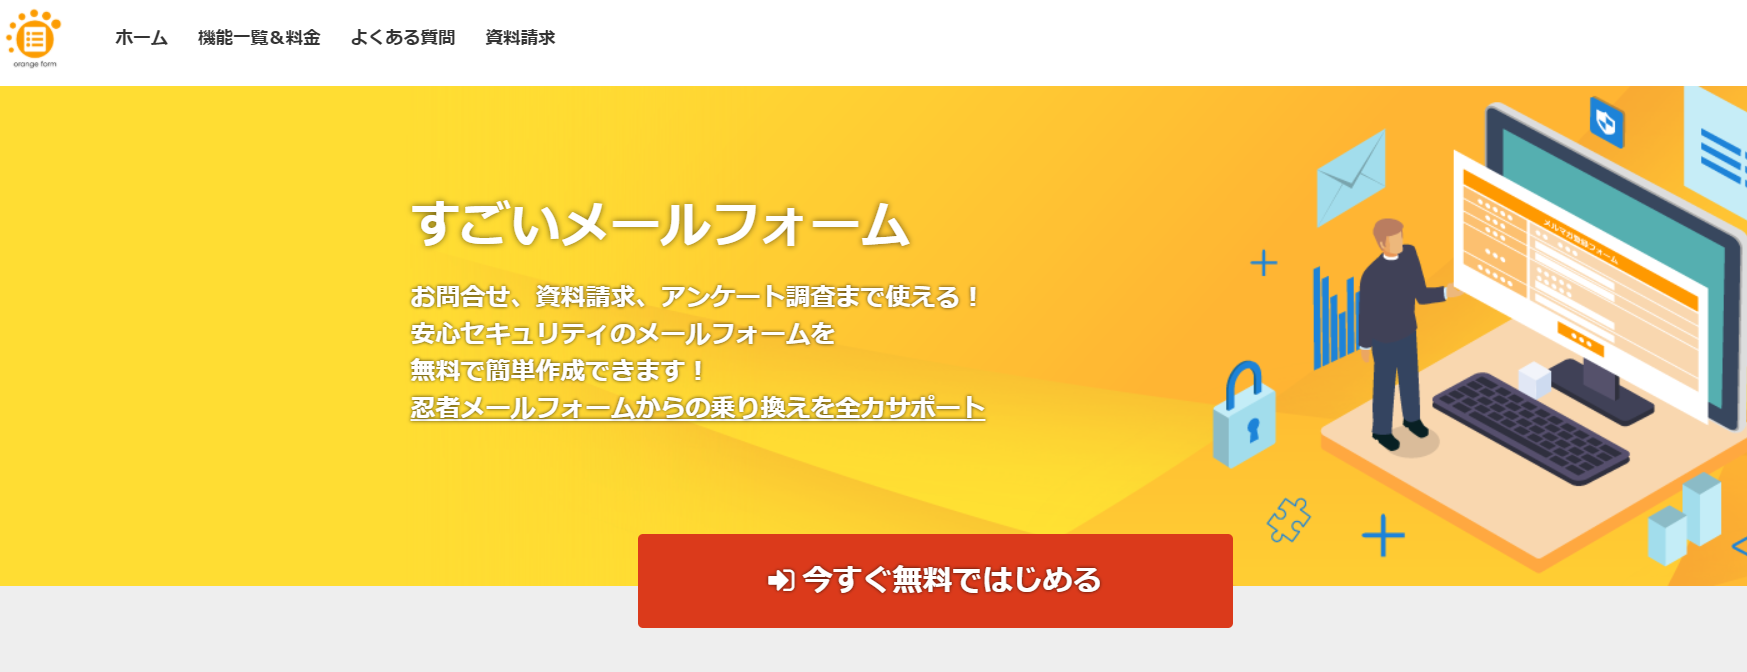 オレンジフォーム.png